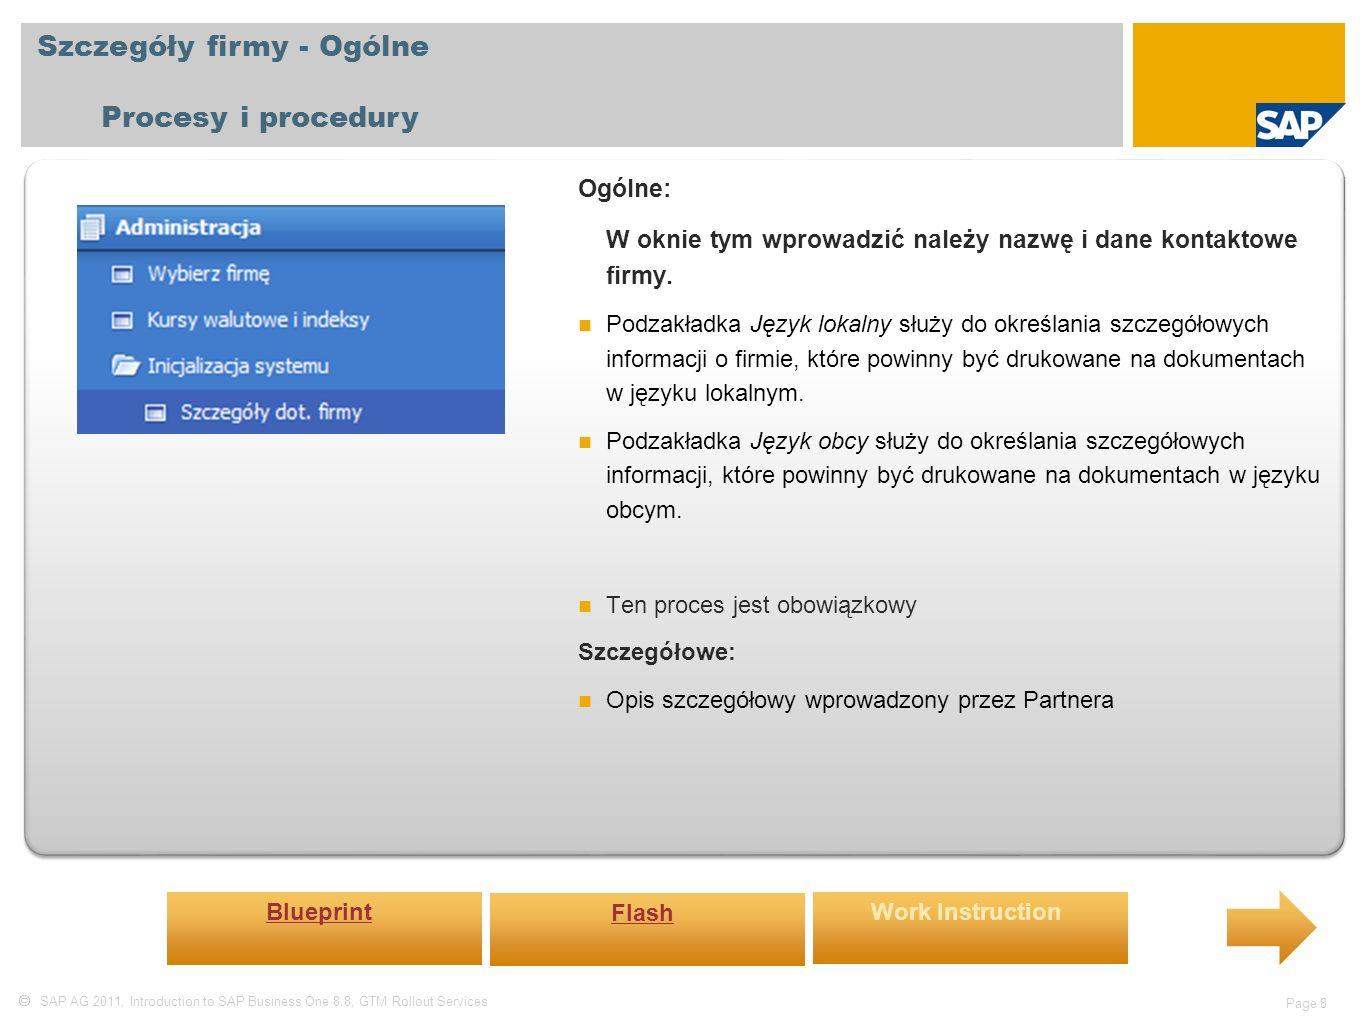  SAP AG 2011, Introduction to SAP Business One 8.8, GTM Rollout Services Page 9 Szczegóły firmy – Dane księgowe Procesy i procedury Ogólne: W zakładce Dane księgowe wprowadzić należy informacje dotyczące: Urzędu skarbowego, Numerów NIP/Regon Dni świątecznych w poszczególnych latach.